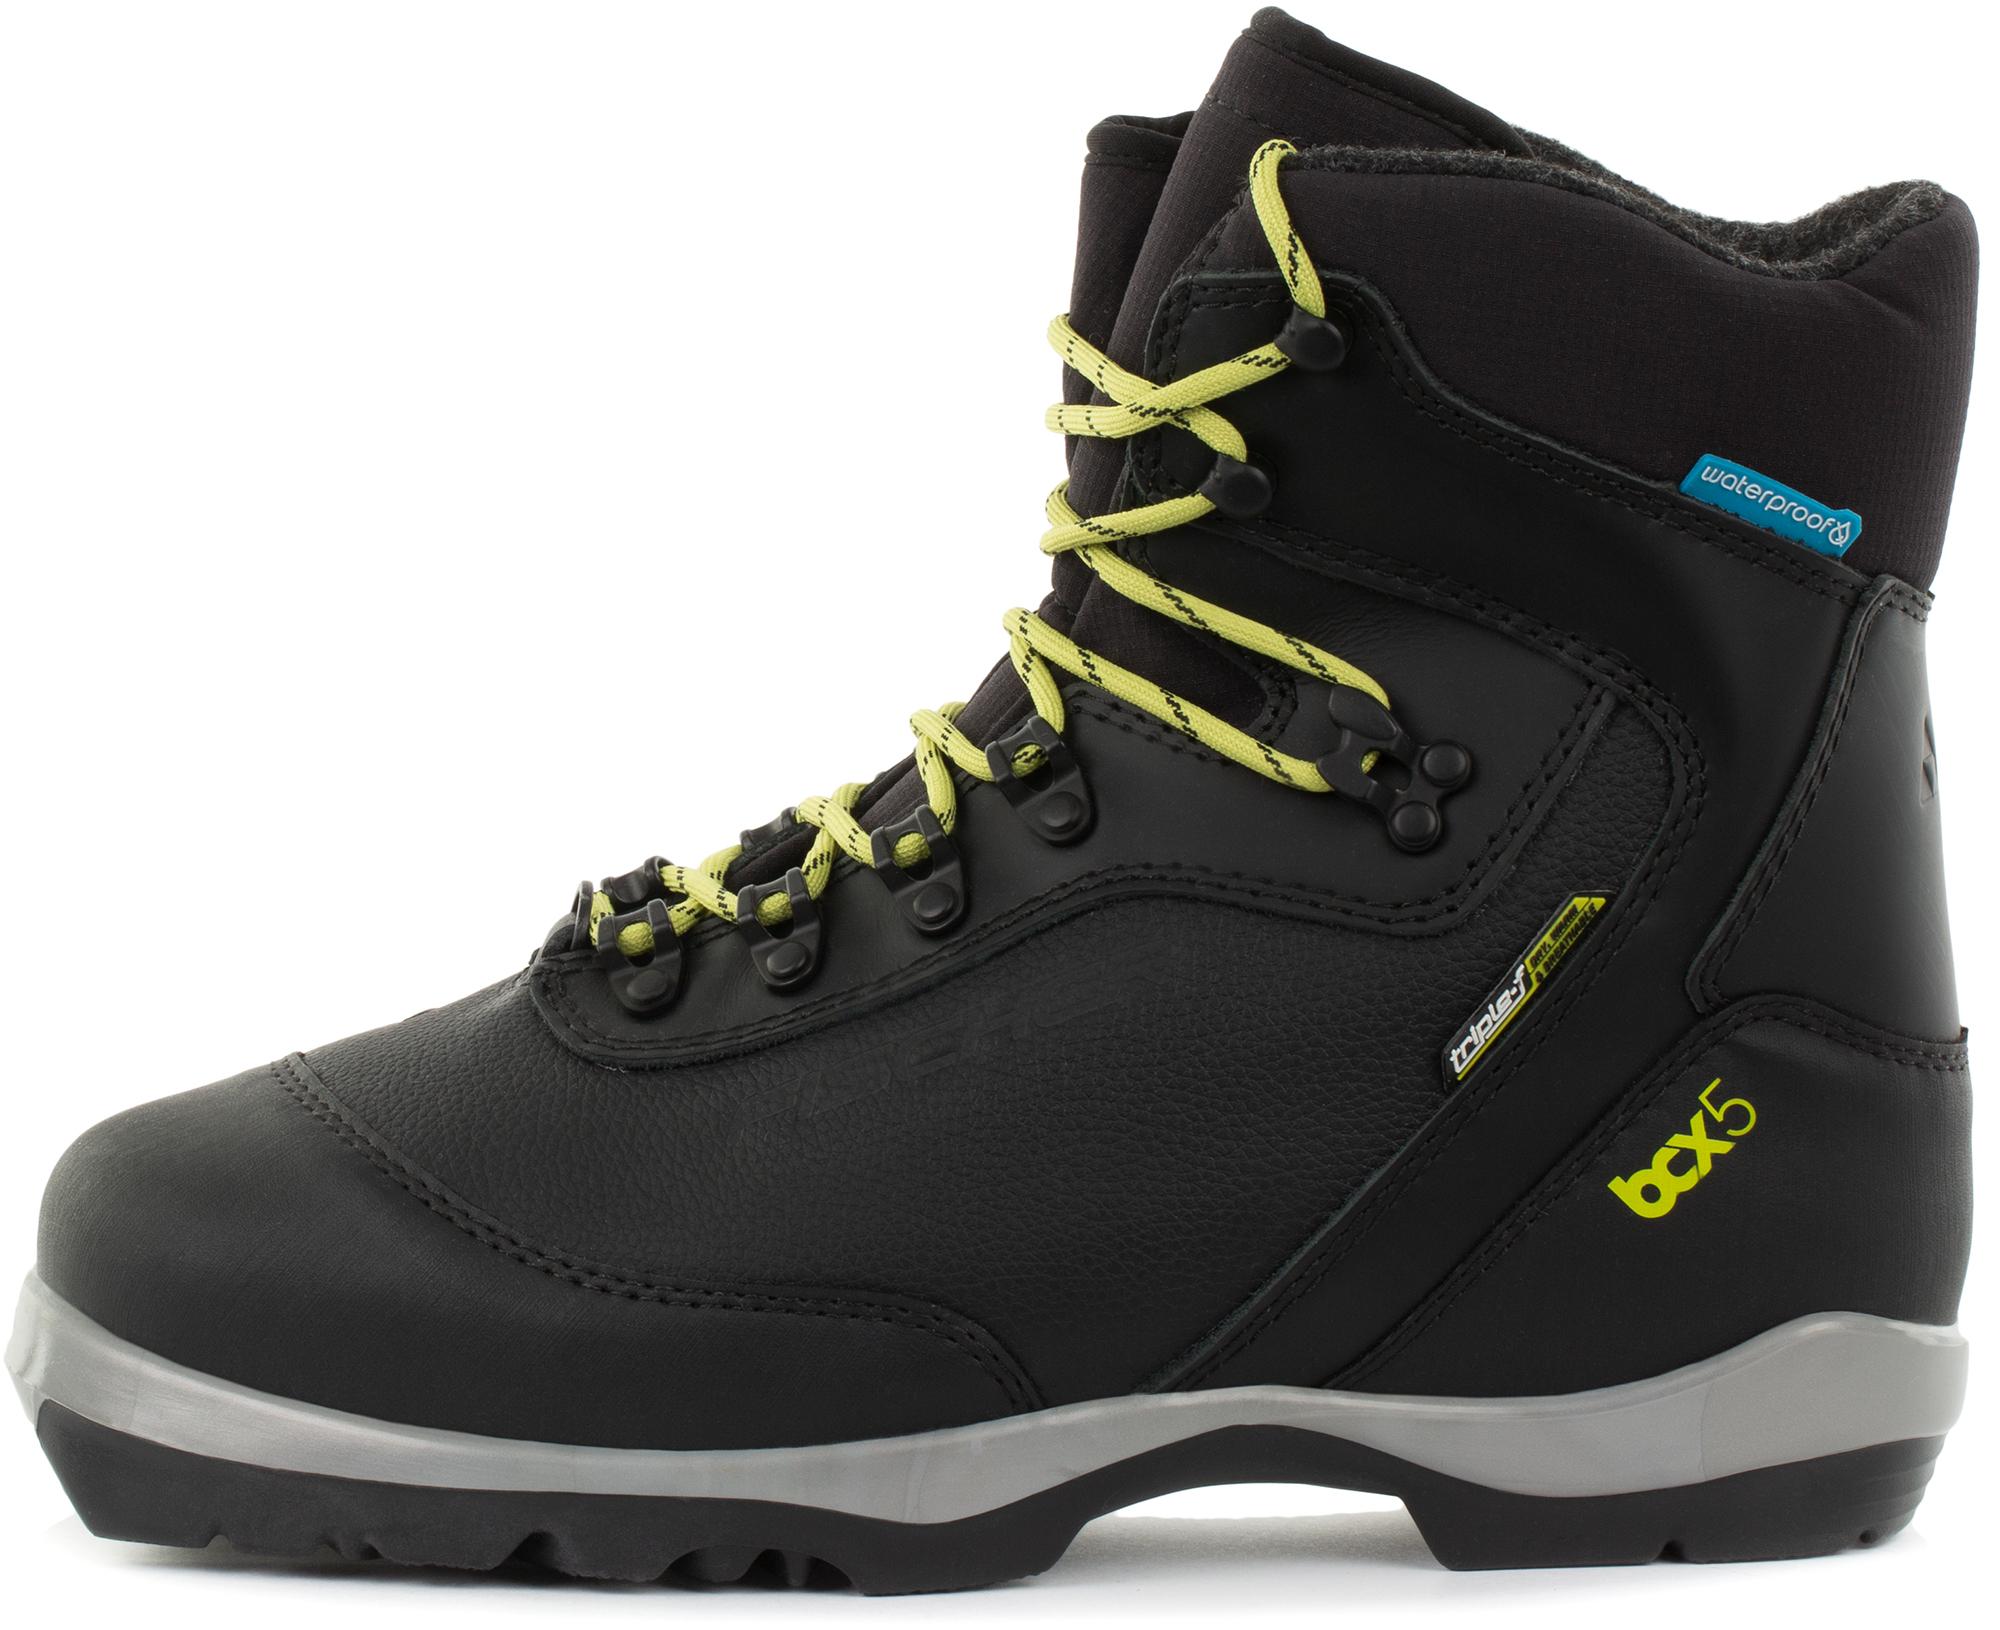 цена на Fischer S38518-. 42 Ботинки лыжные р. 42